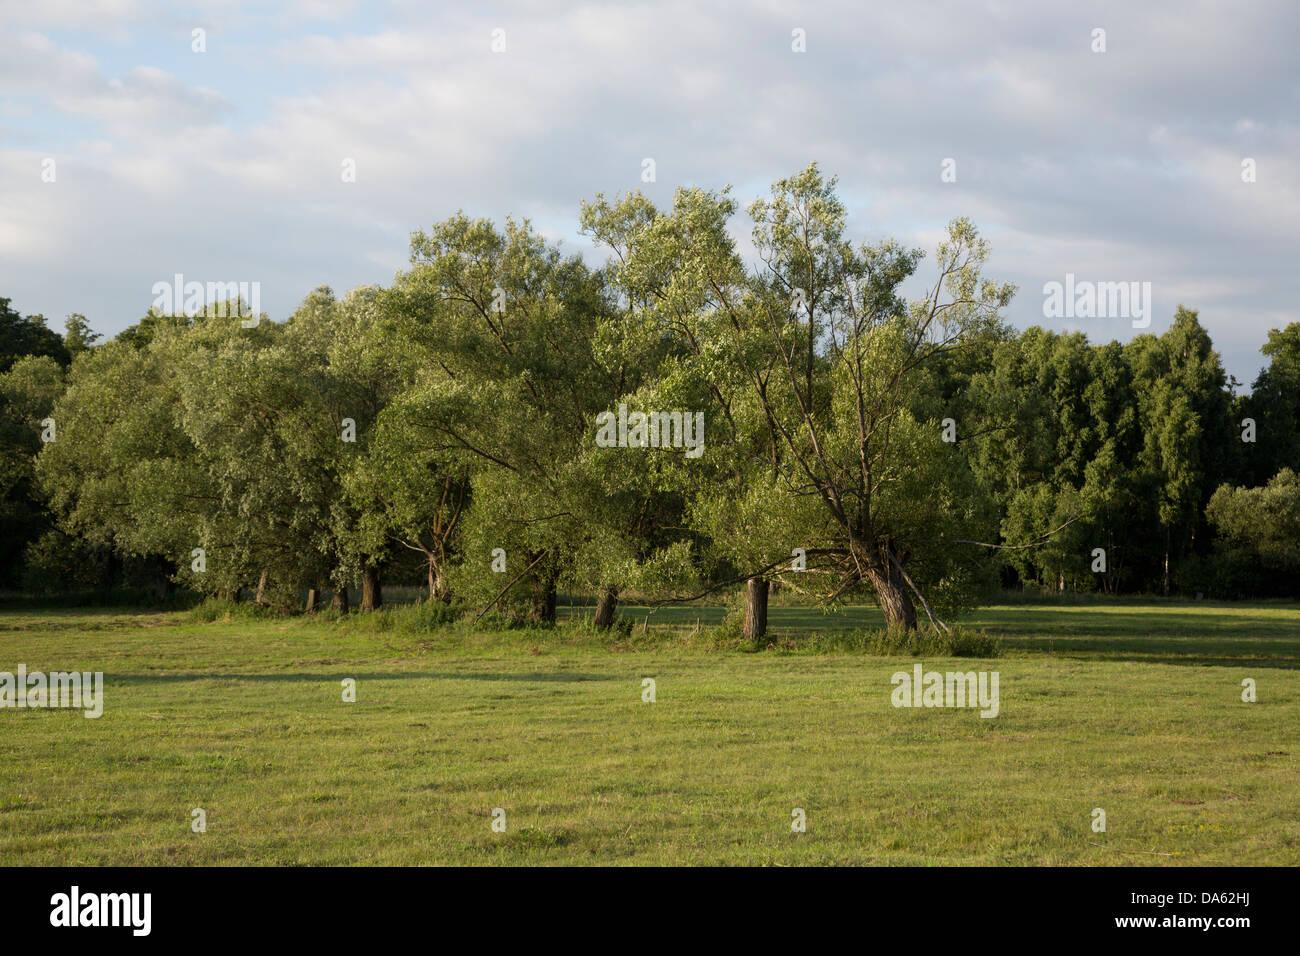 Weiden in Polen, Masovia, Europa, Masowien, polnischen Masowien Landschaft Stockbild